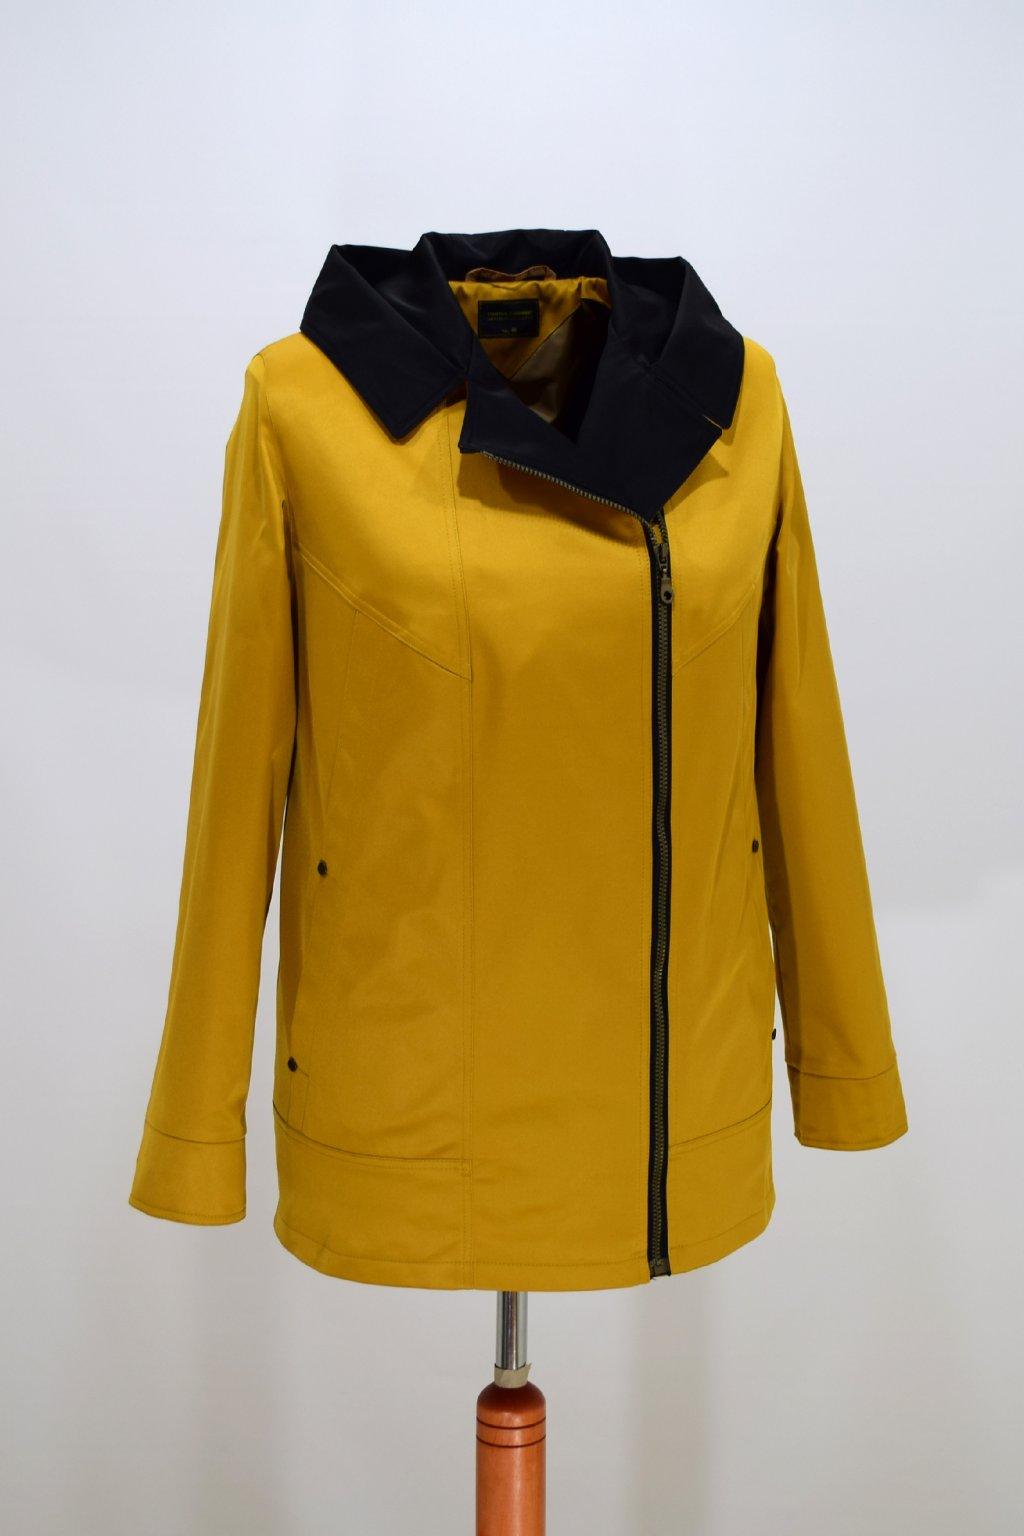 Dámská žlutá jarní bunda Marika nadměrné velikosti.